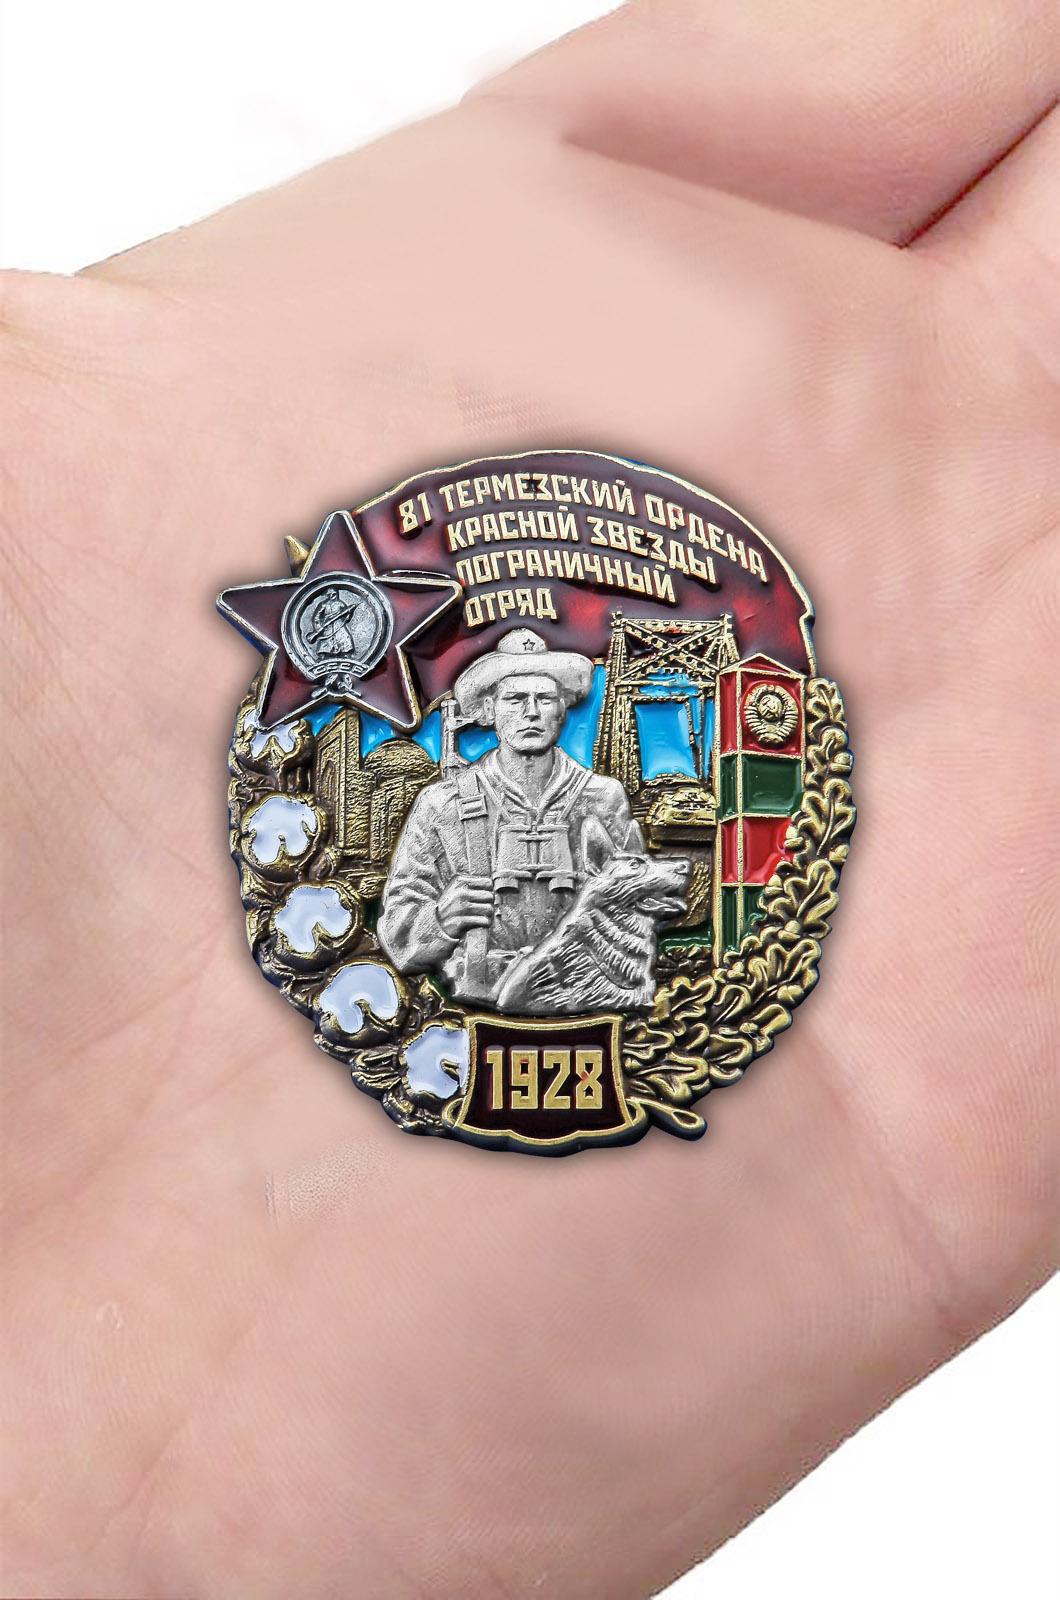 Заказать знак 81 Термезский ордена Красной Звезды Пограничный отряд